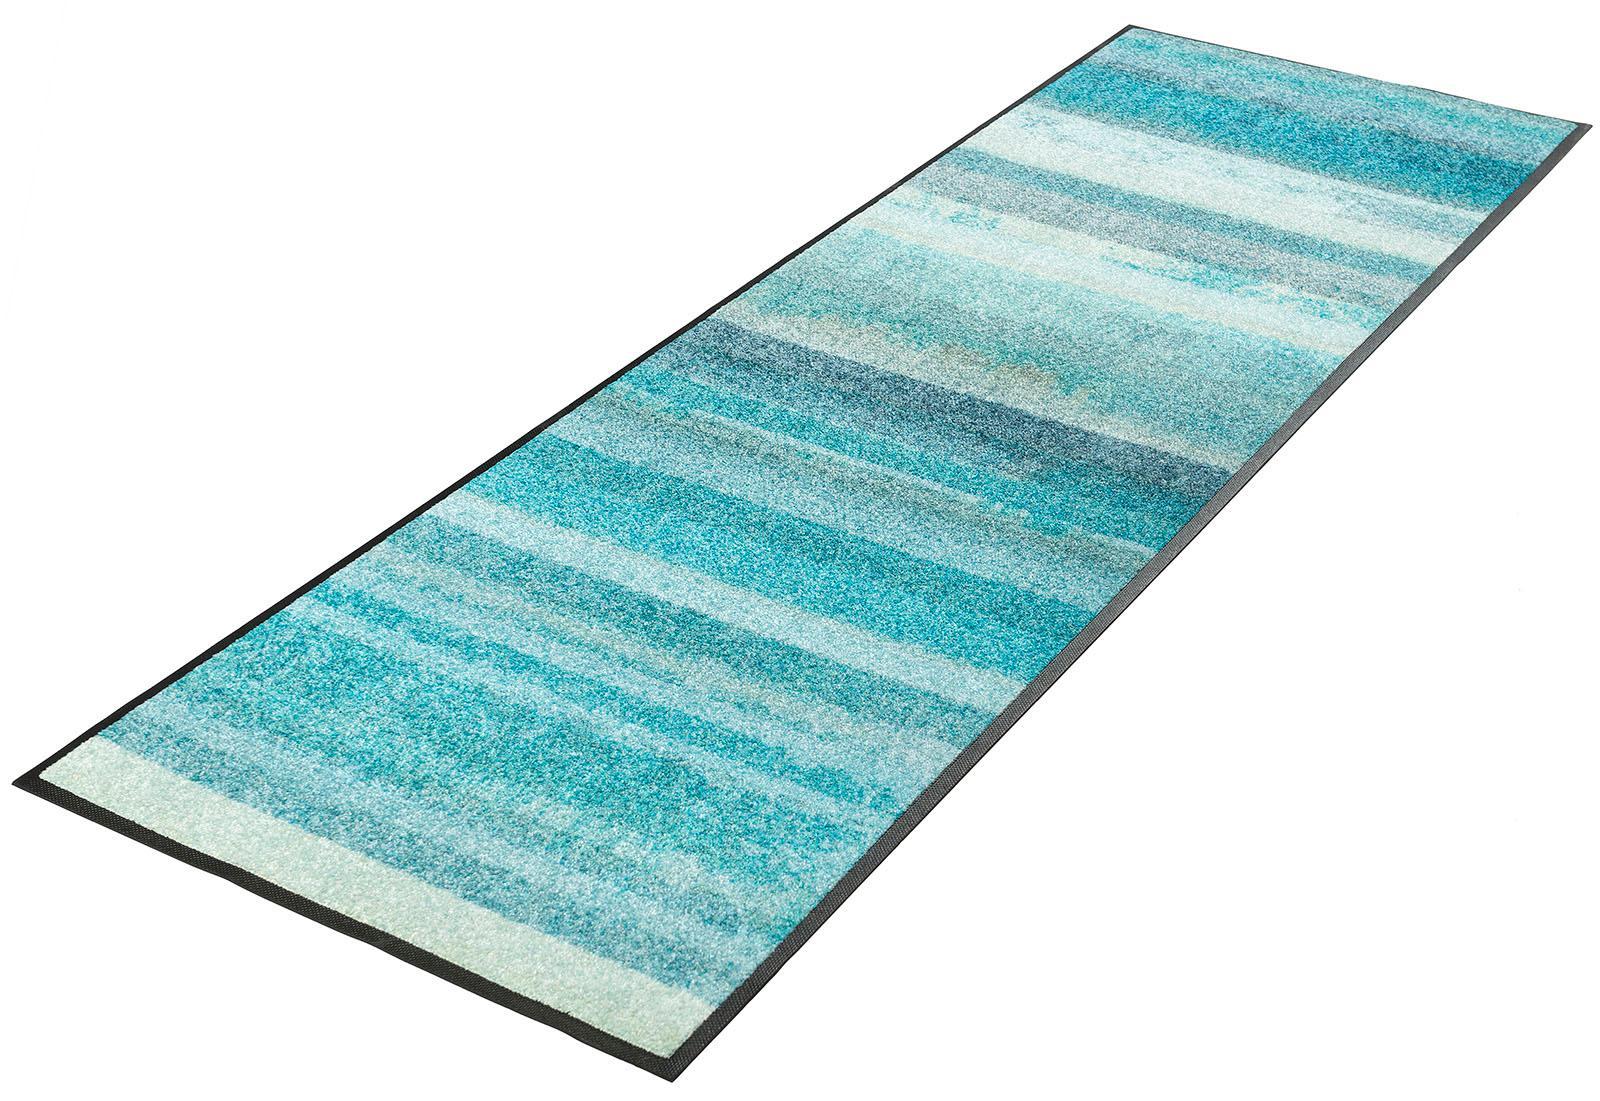 Läufer Aquamix wash+dry by Kleen-Tex rechteckig Höhe 7 mm gedruckt